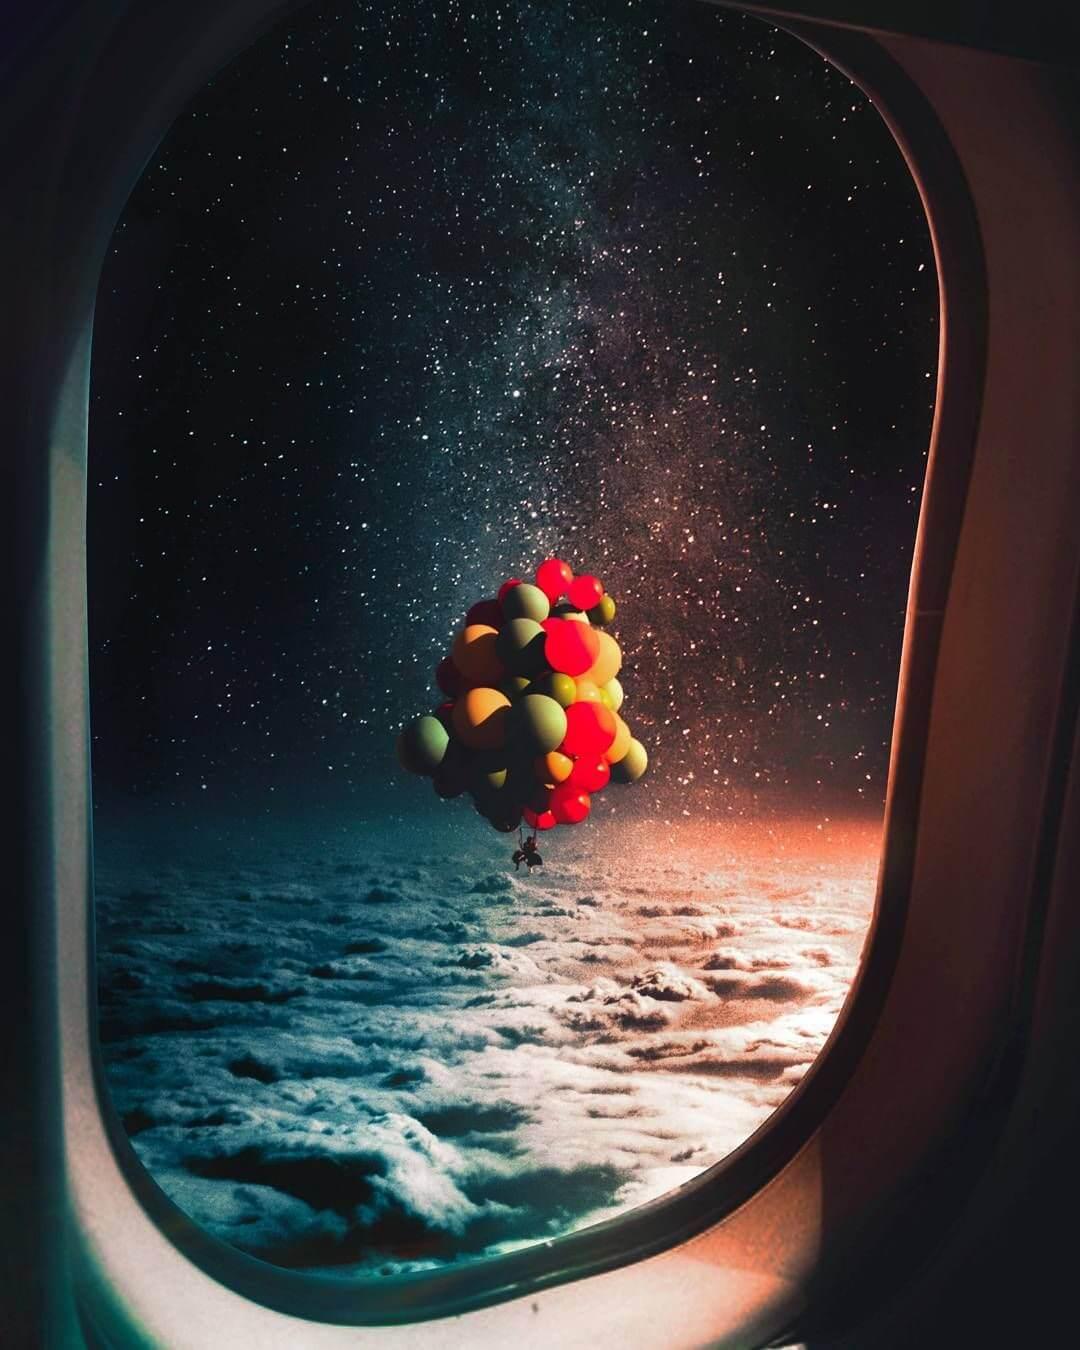 ventana de avion en el espacio con globos de up